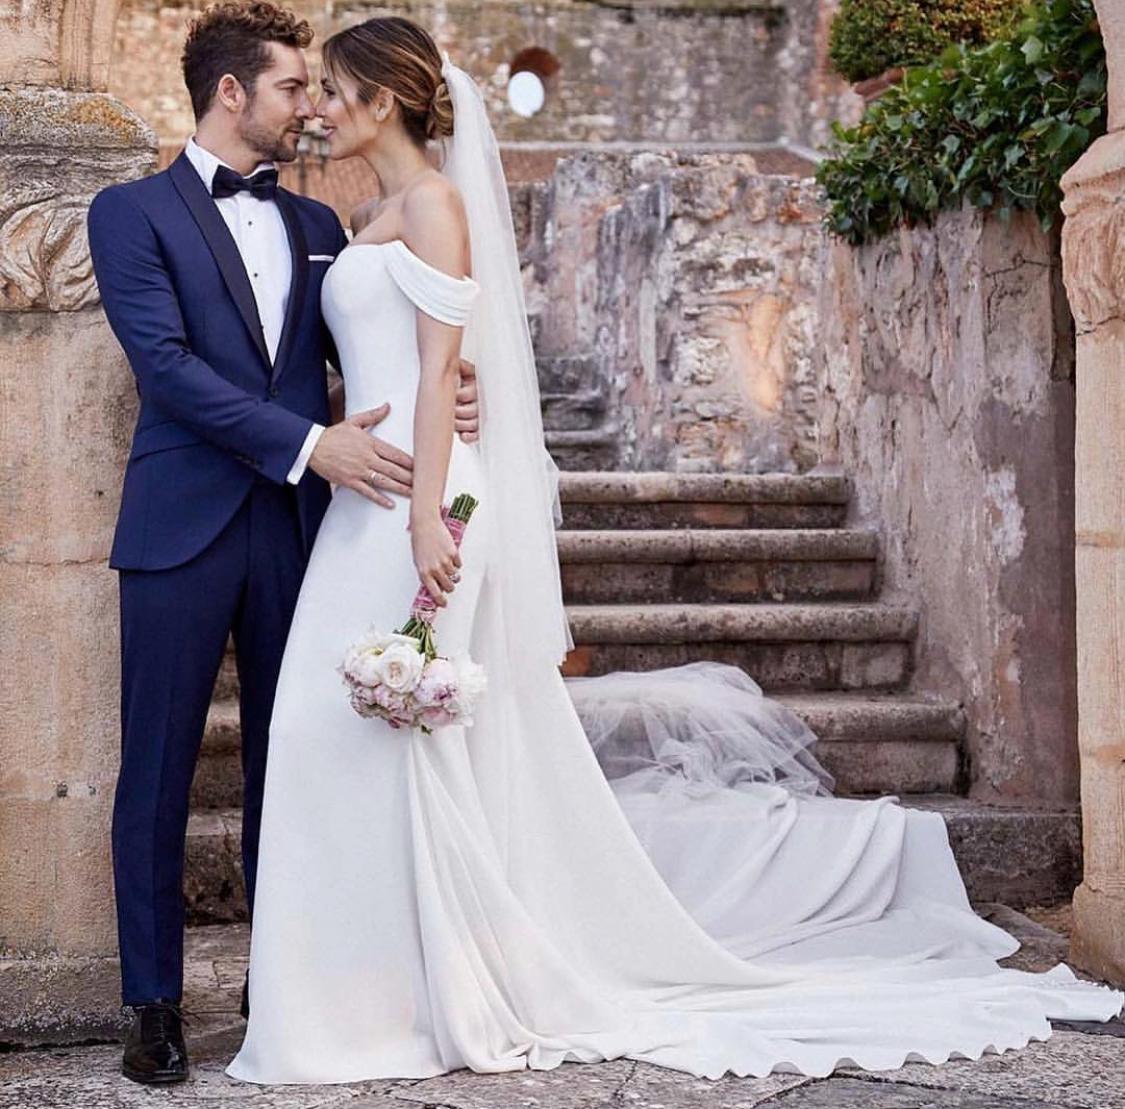 Fotografía exclusiva de la boda de David Bisbal y Rosanna Zanetti. (Cortesía de Pronovias)